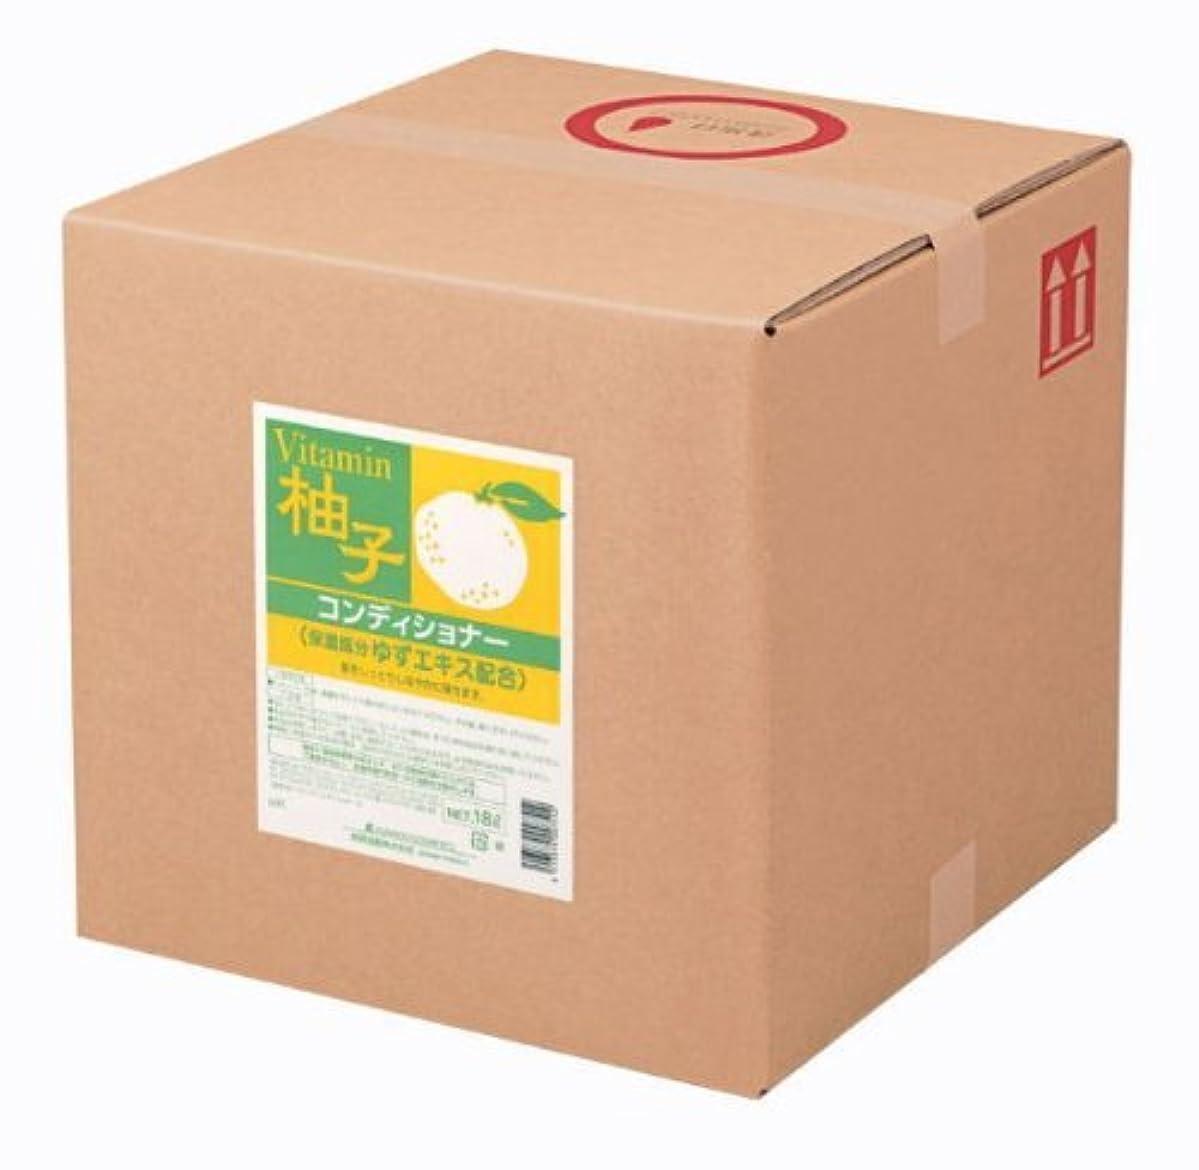 マングル変形中絶熊野油脂 業務用 柚子 コンディショナー 18L